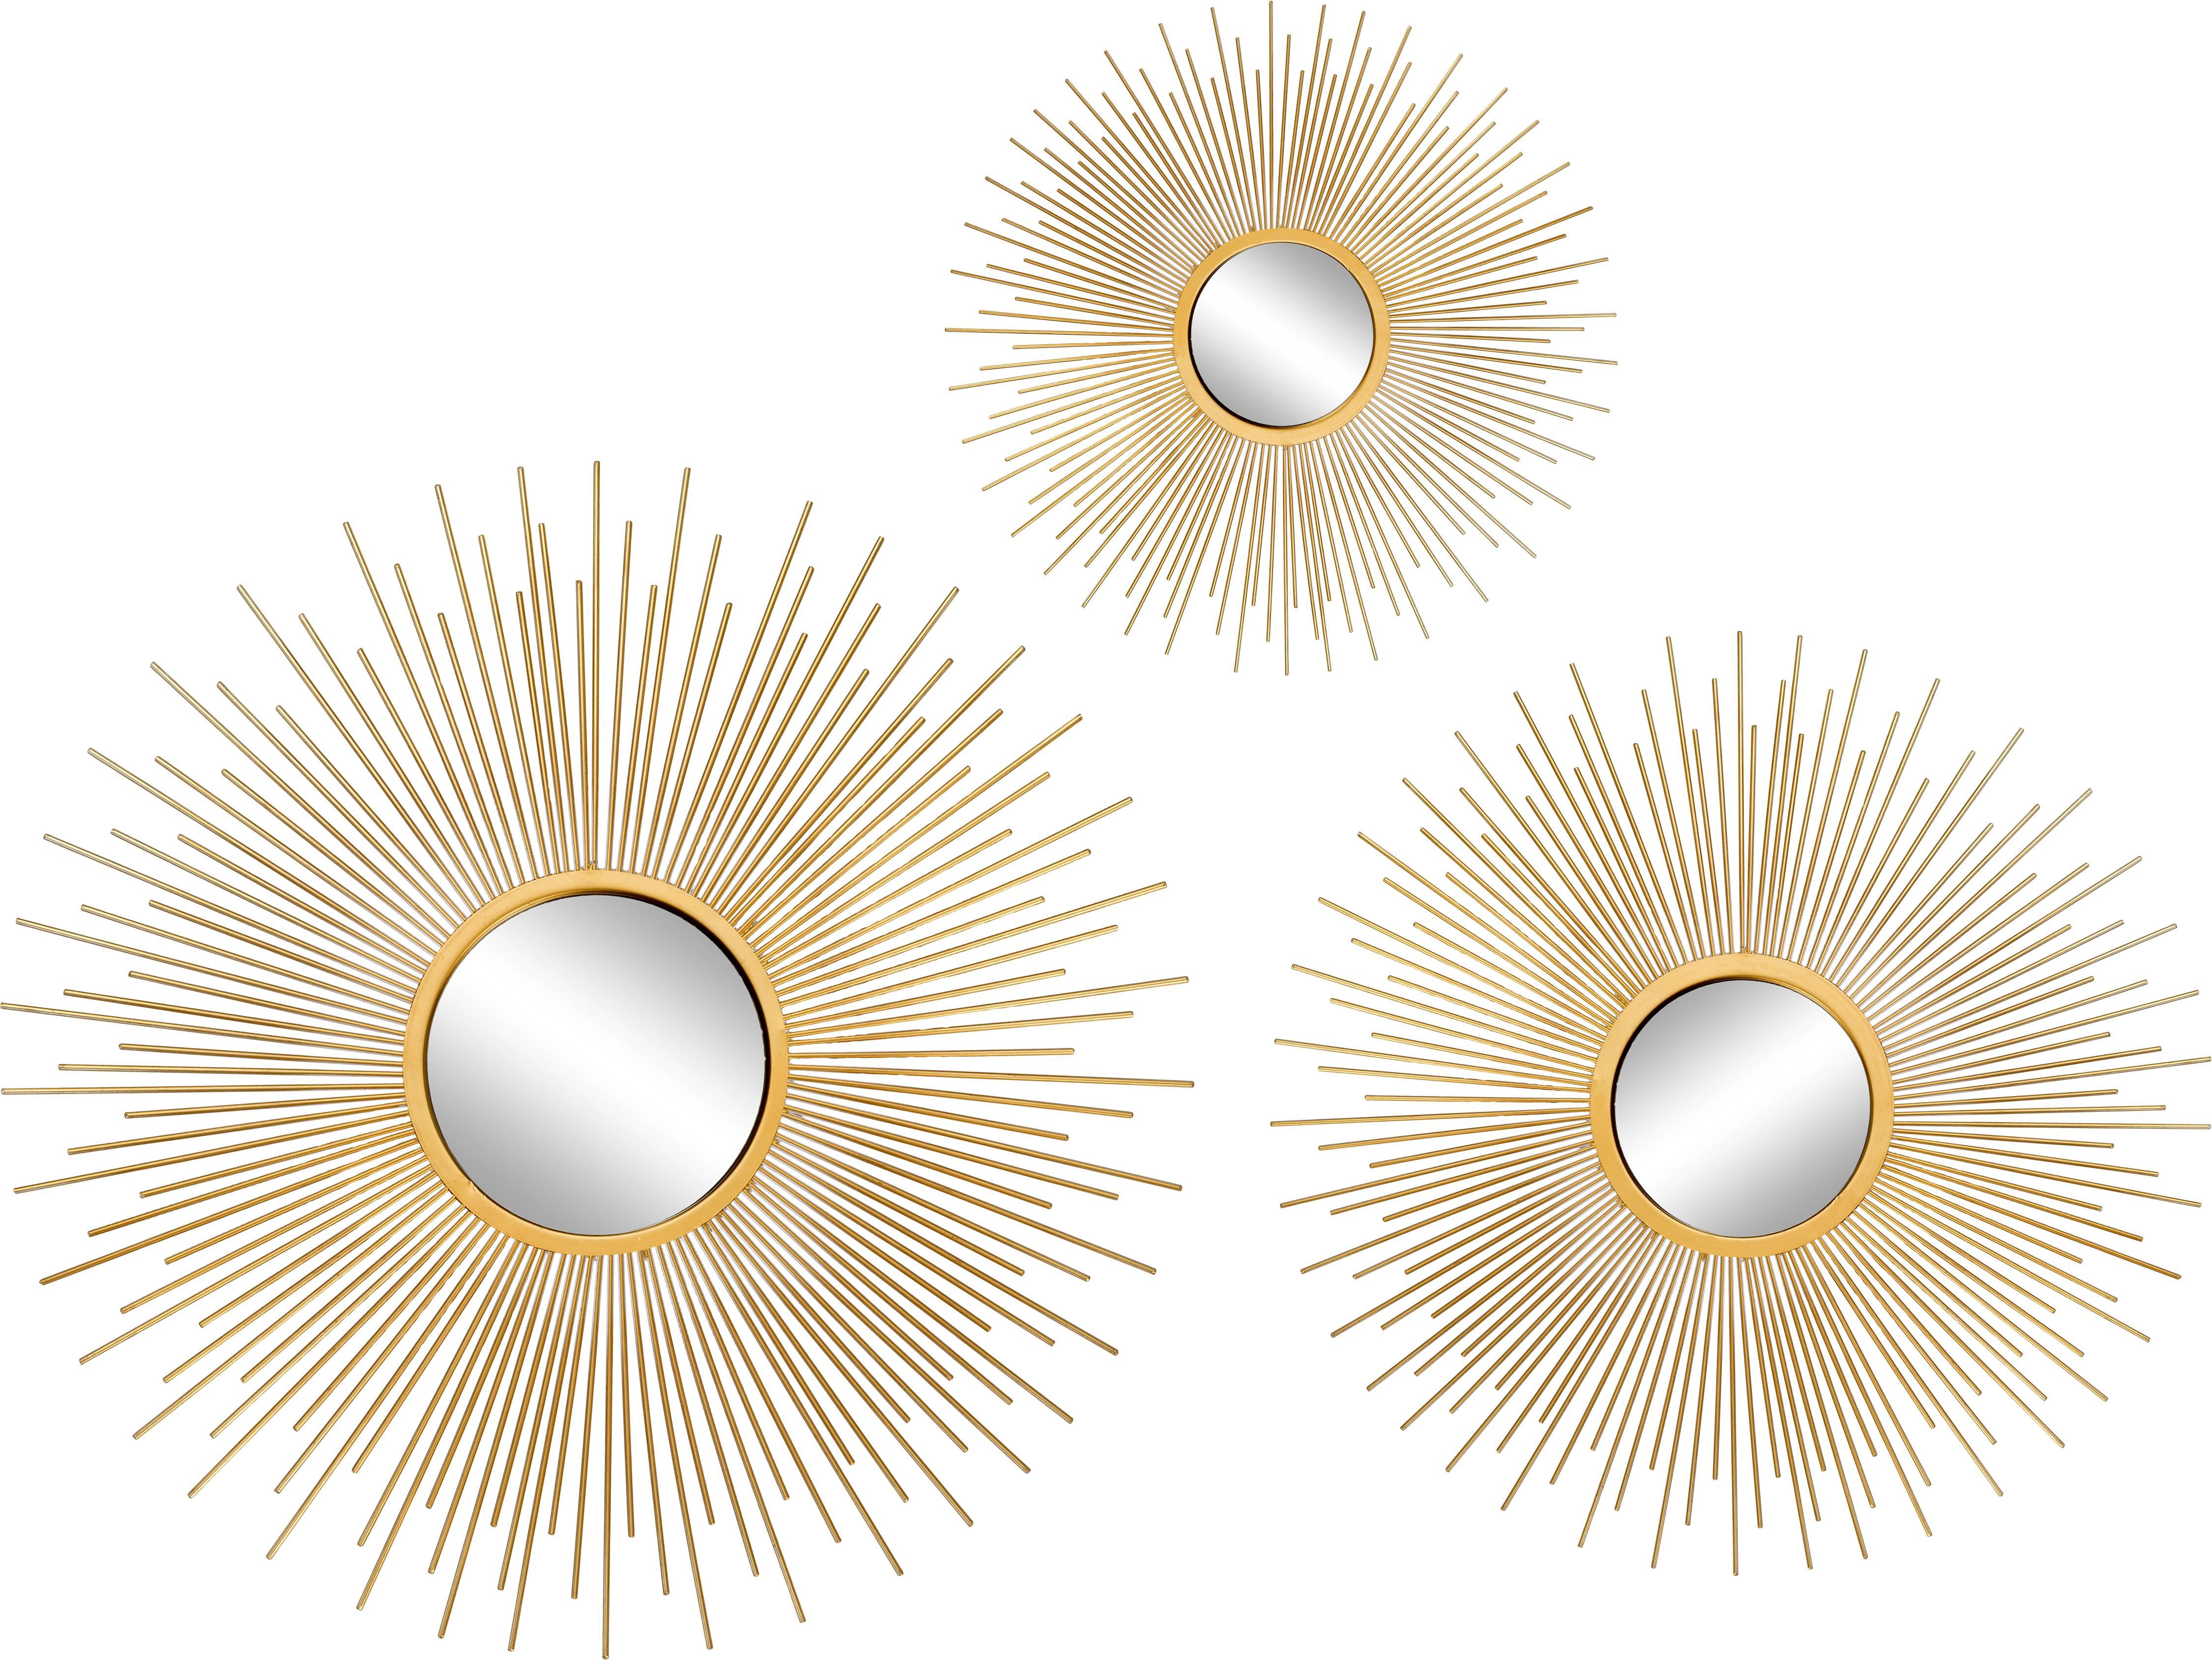 Komplet luster ściennych Sun, 3 elem., Odcienie złotego, Różne rozmiary